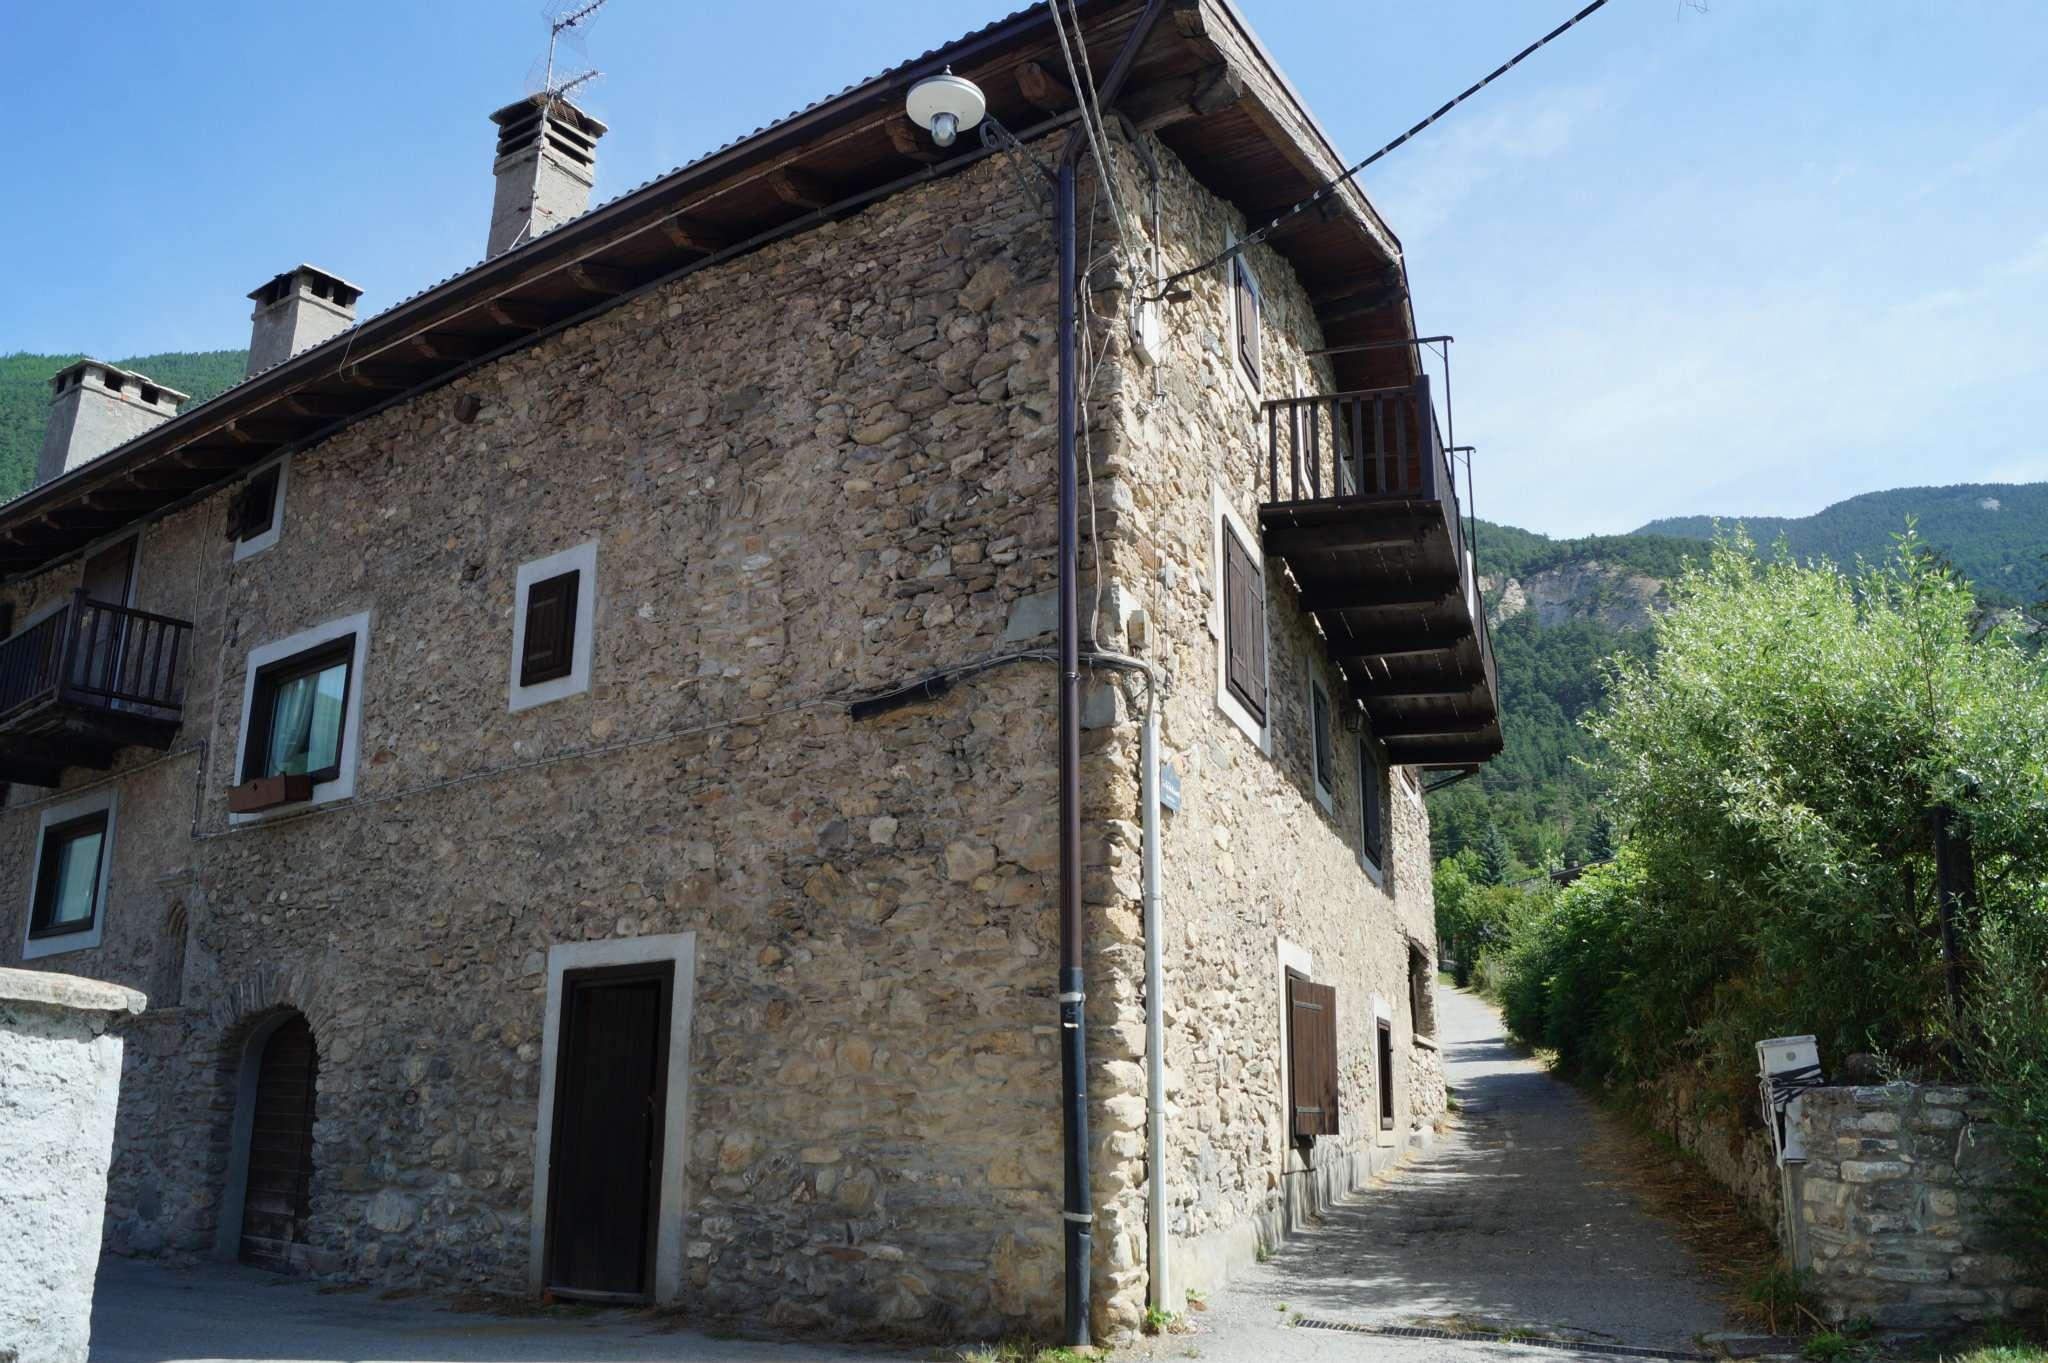 Appartamento in vendita a Oulx, 4 locali, prezzo € 98.000 | CambioCasa.it